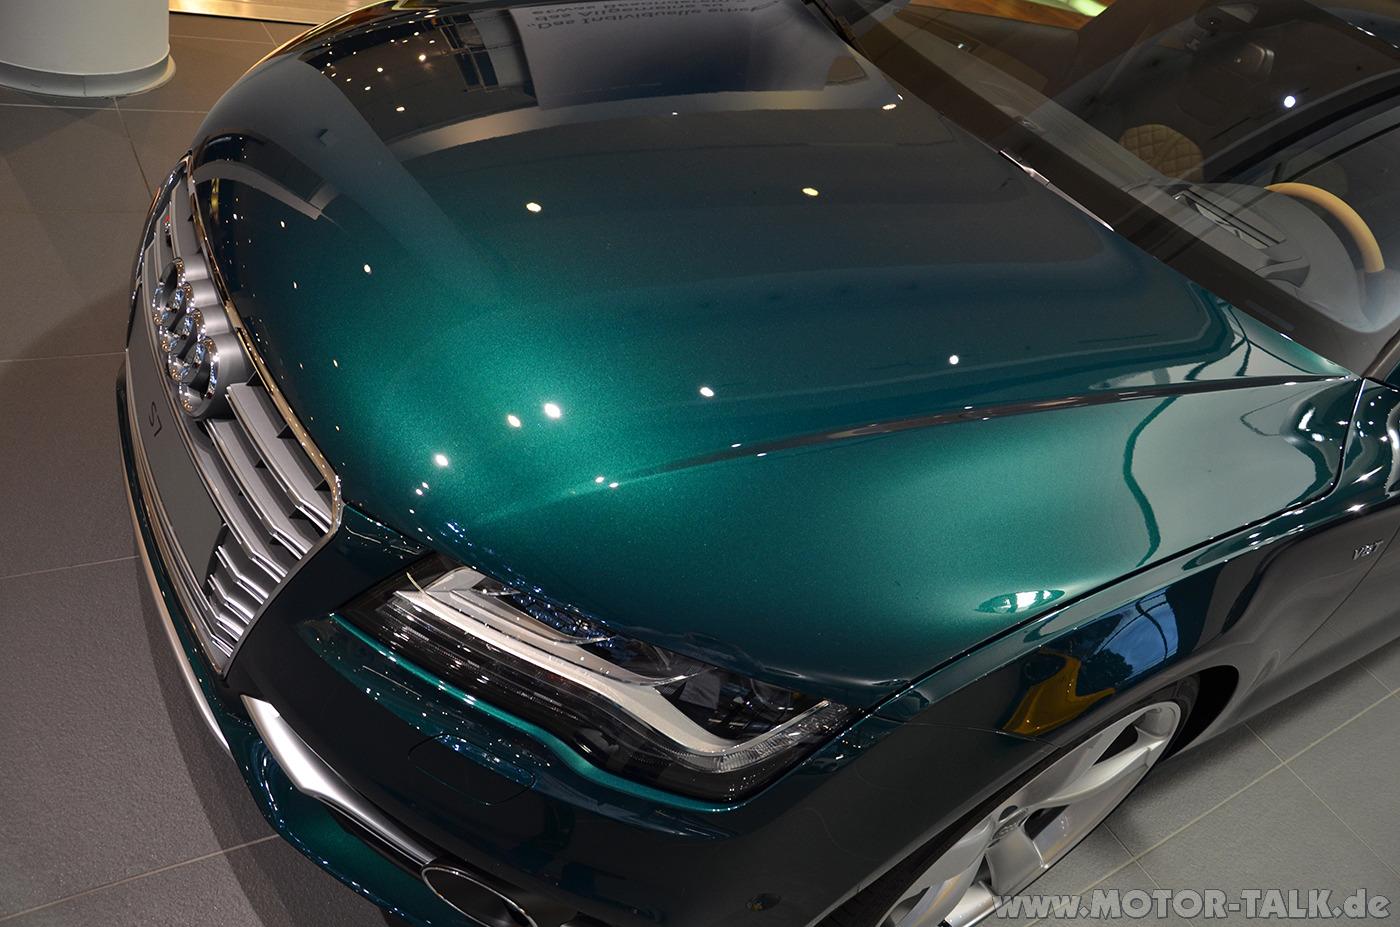 Vwvortex Com One Off Emerald Green Audi S7 Mother Of God